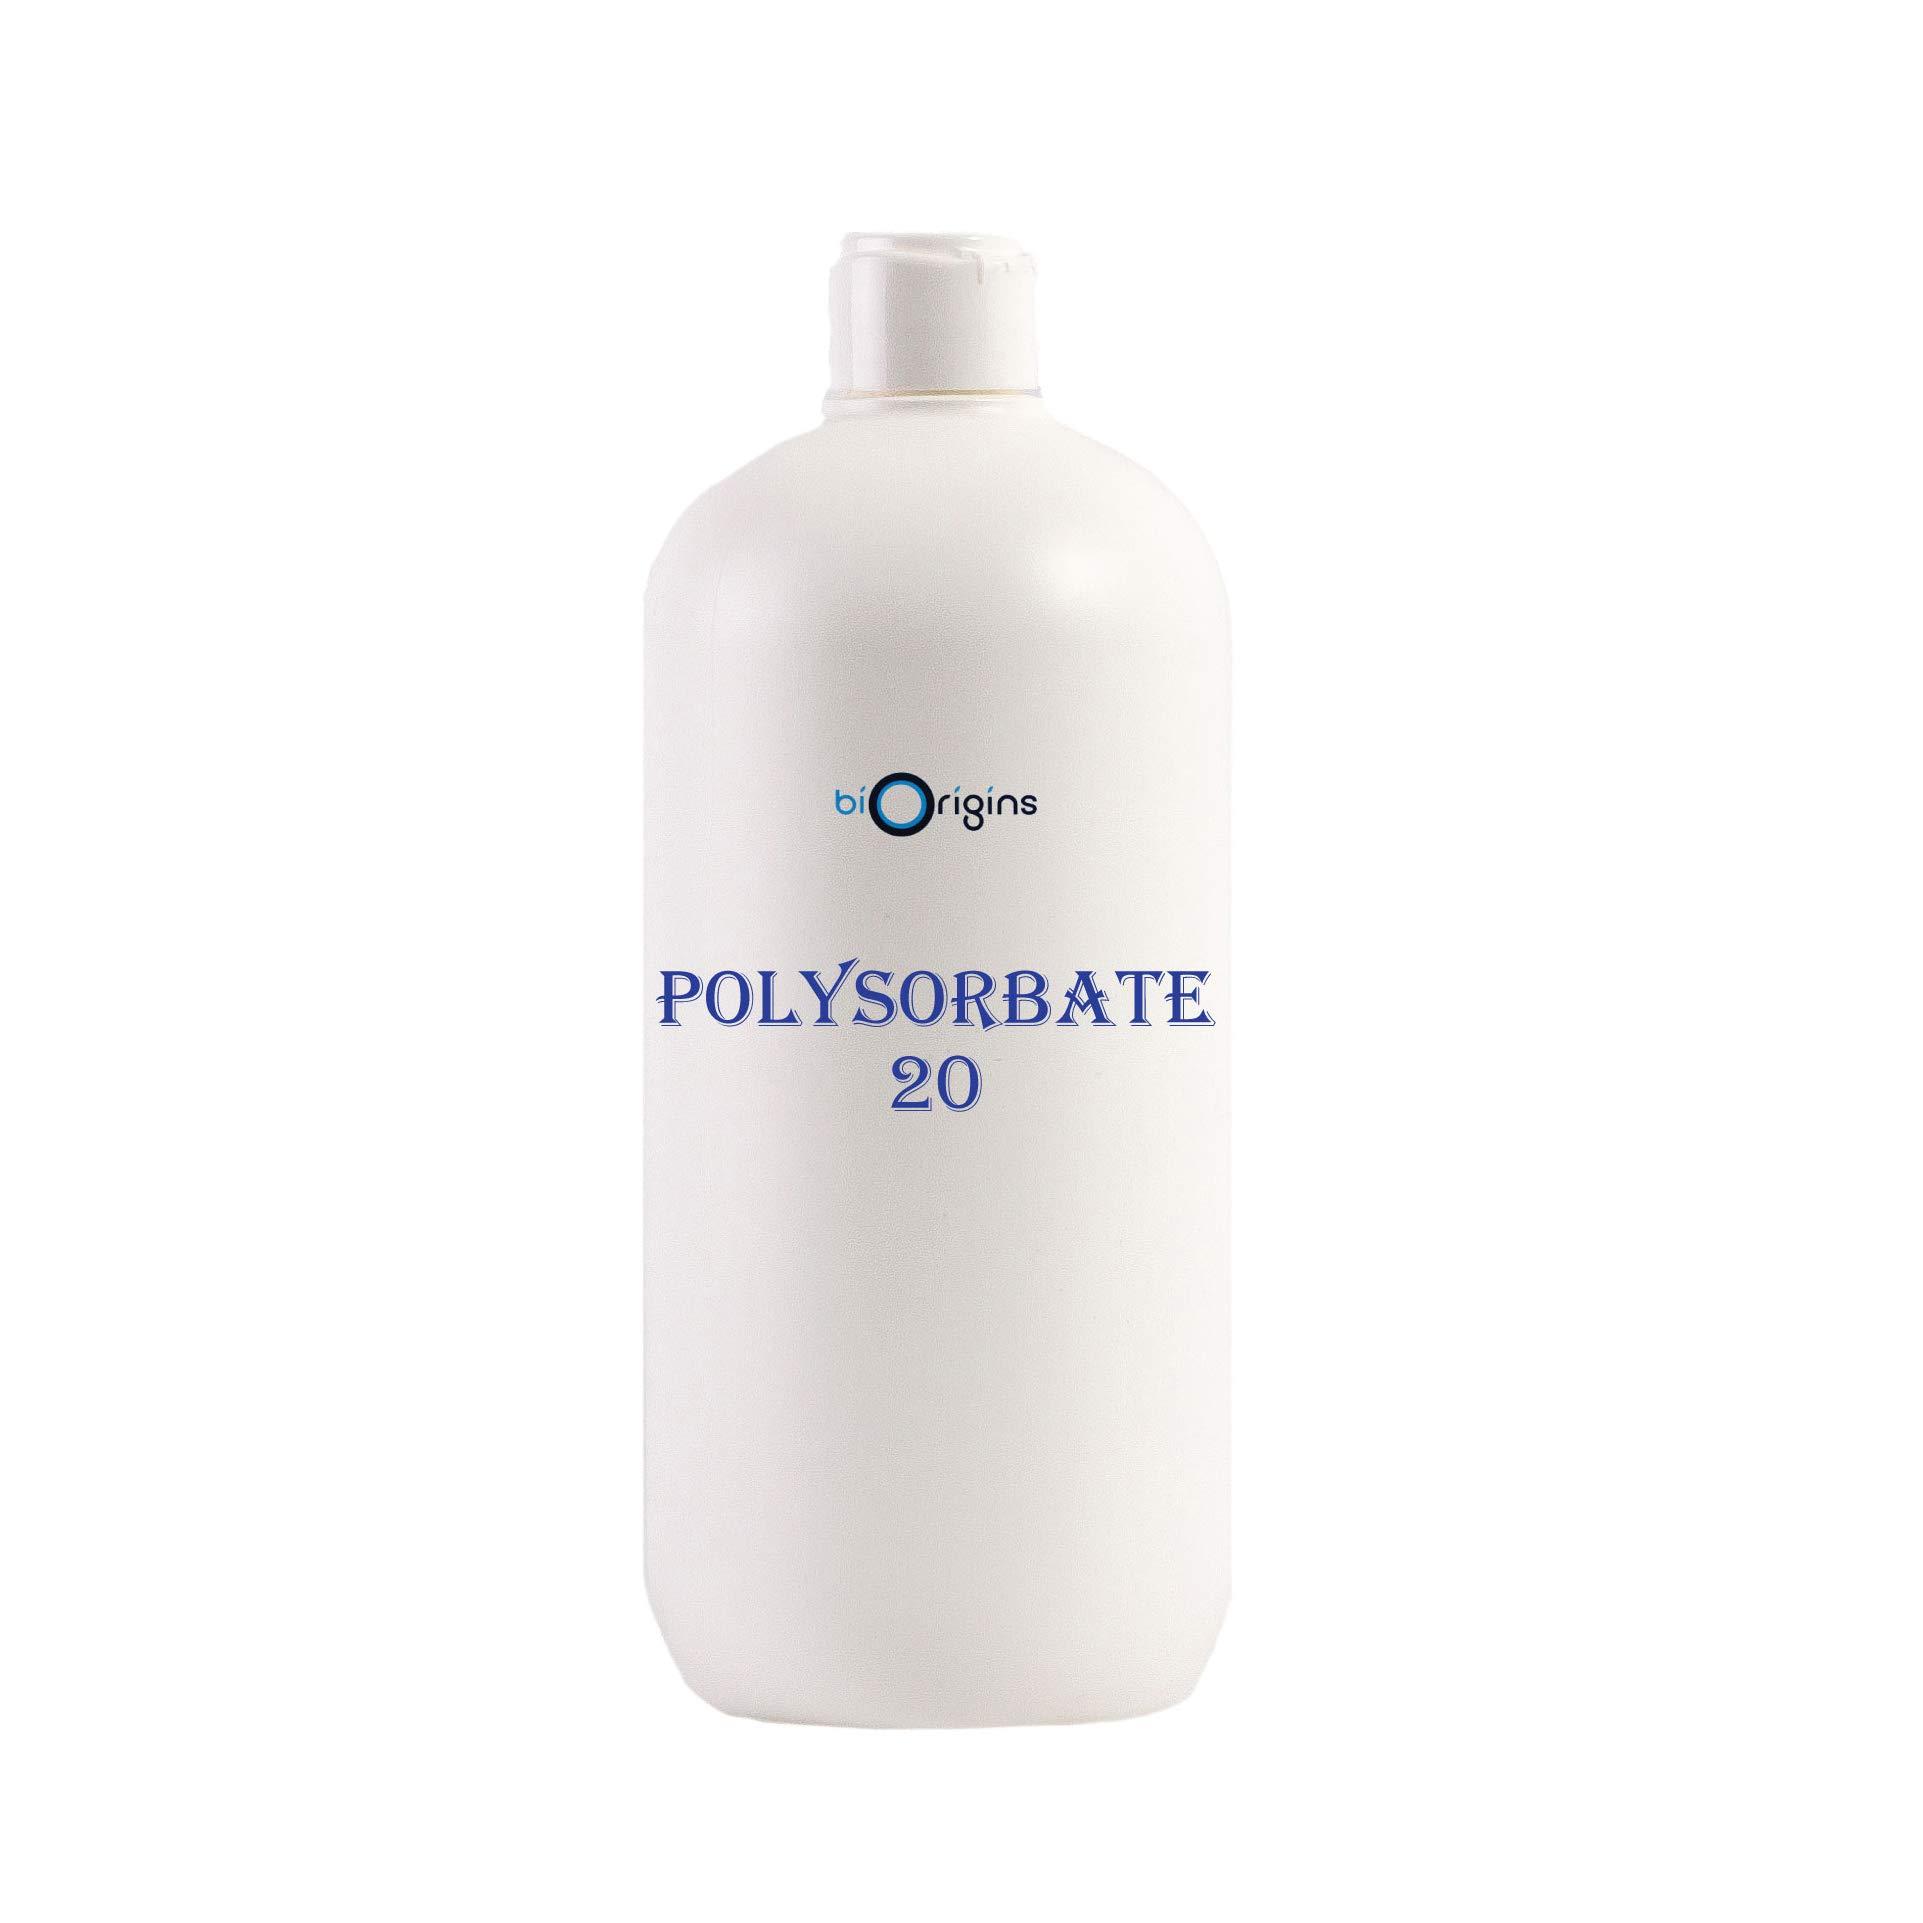 Polysorbate 20 (Solubilser) - 1Kg